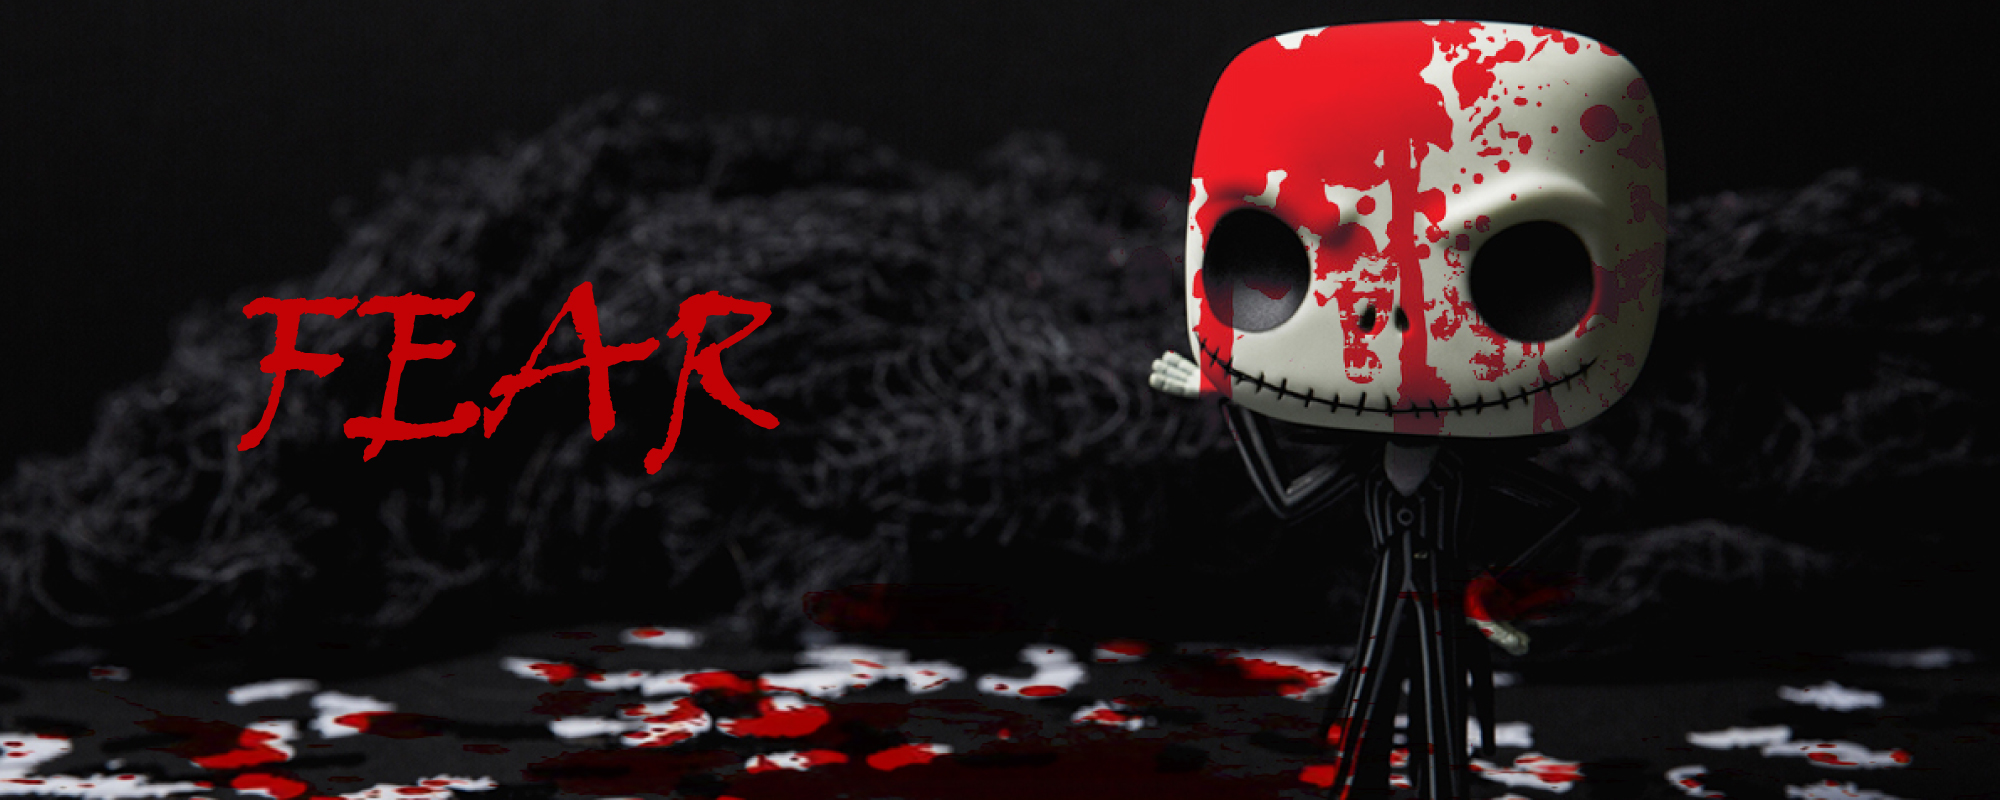 Blutige Puppe mit FEAR Schriftzug